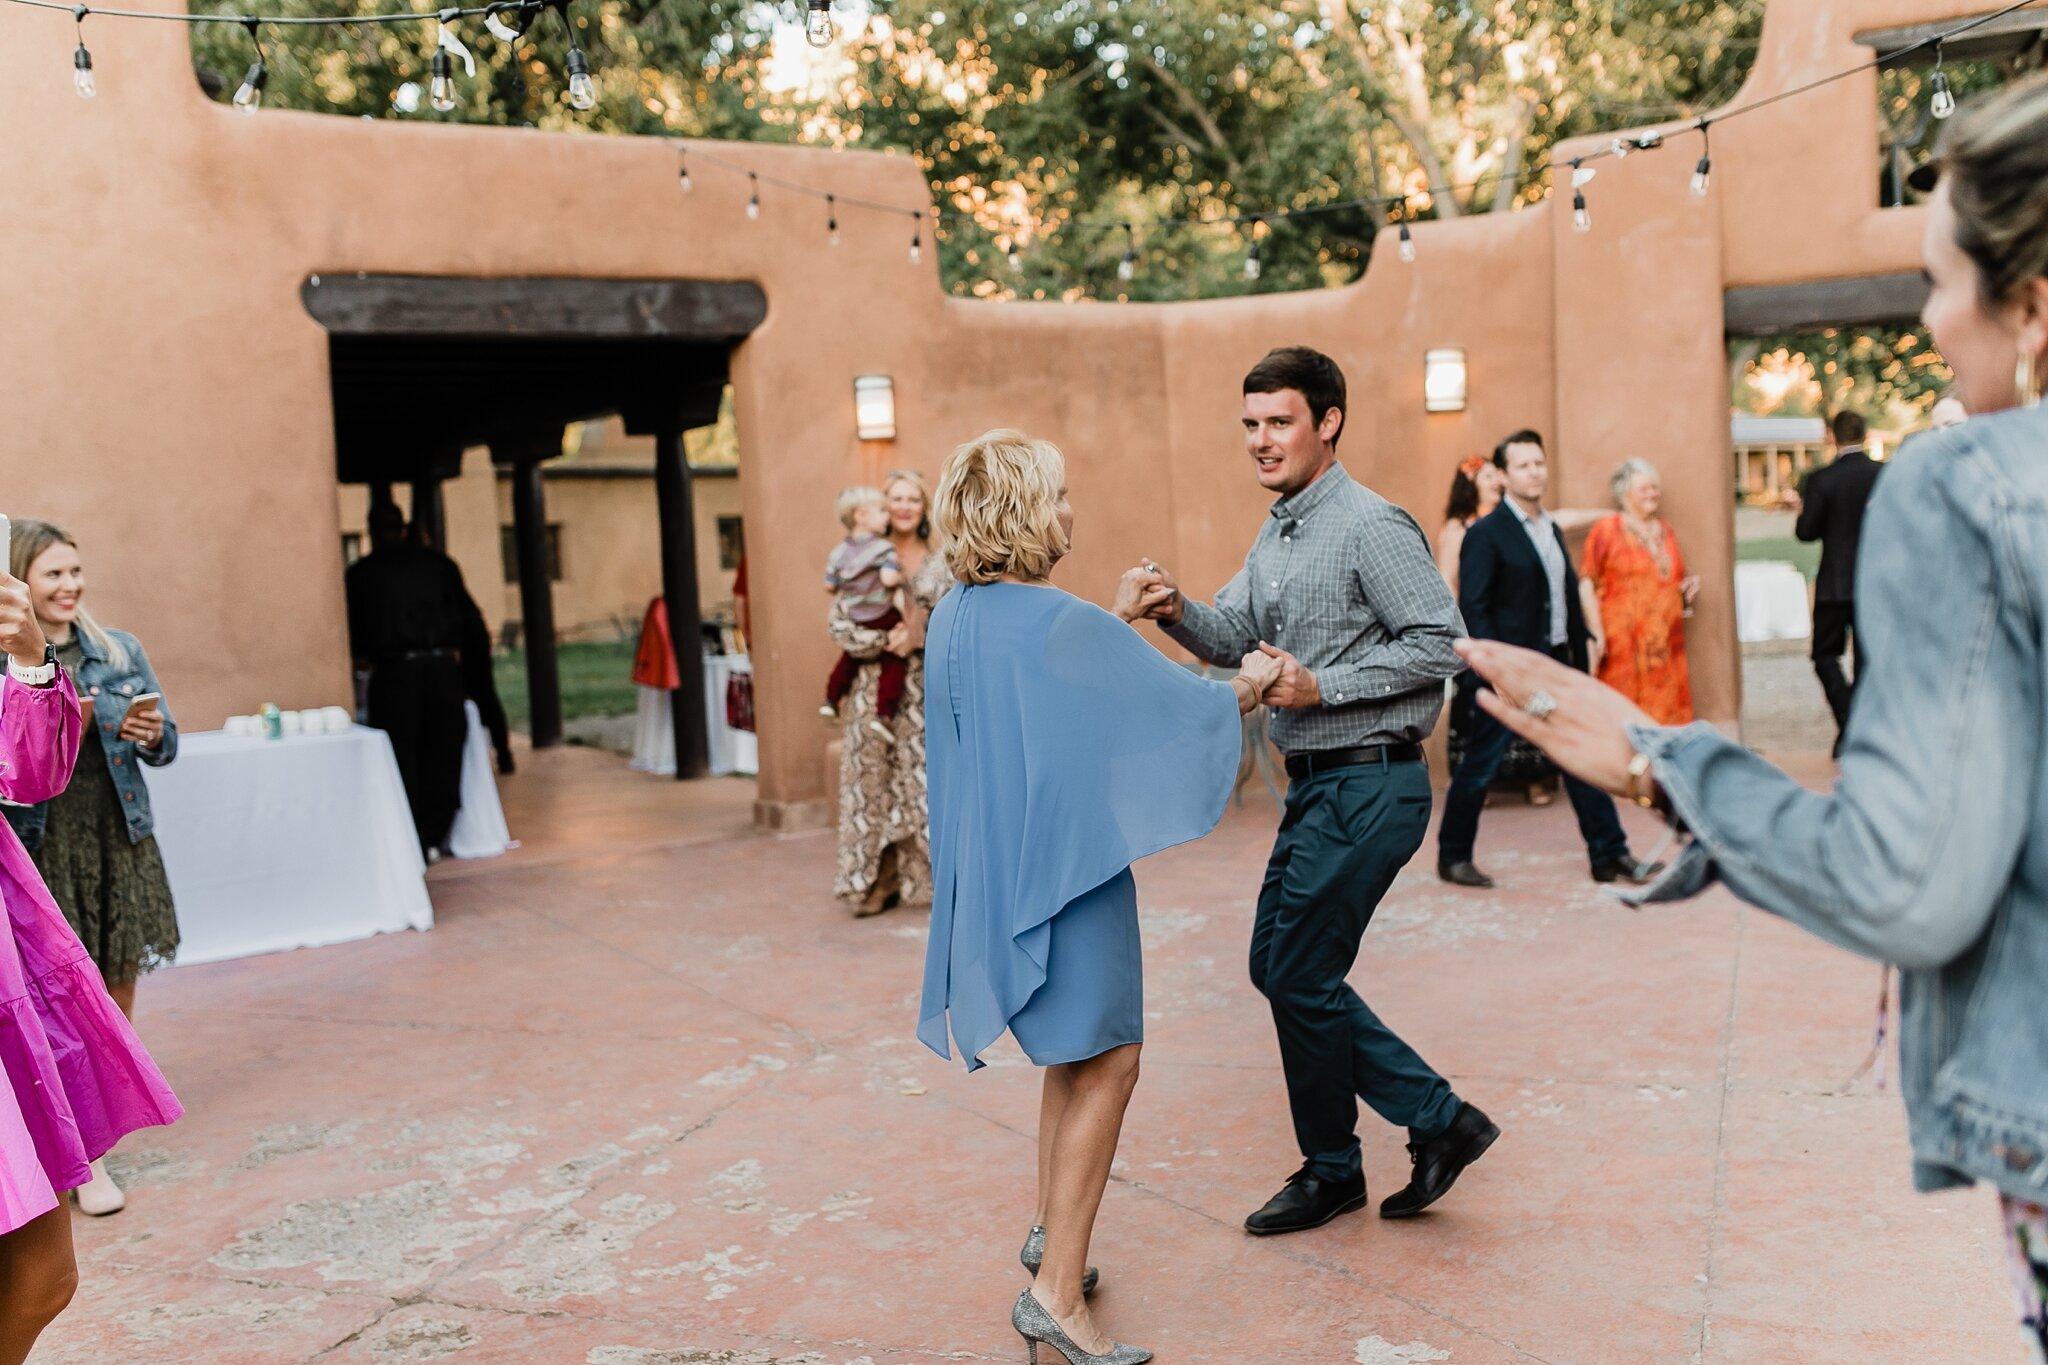 Alicia+lucia+photography+-+albuquerque+wedding+photographer+-+santa+fe+wedding+photography+-+new+mexico+wedding+photographer+-+new+mexico+wedding+-+wedding+-+santa+fe+wedding+-+ghost+ranch+-+ghost+ranch+wedding+-+fall+wedding_0088.jpg